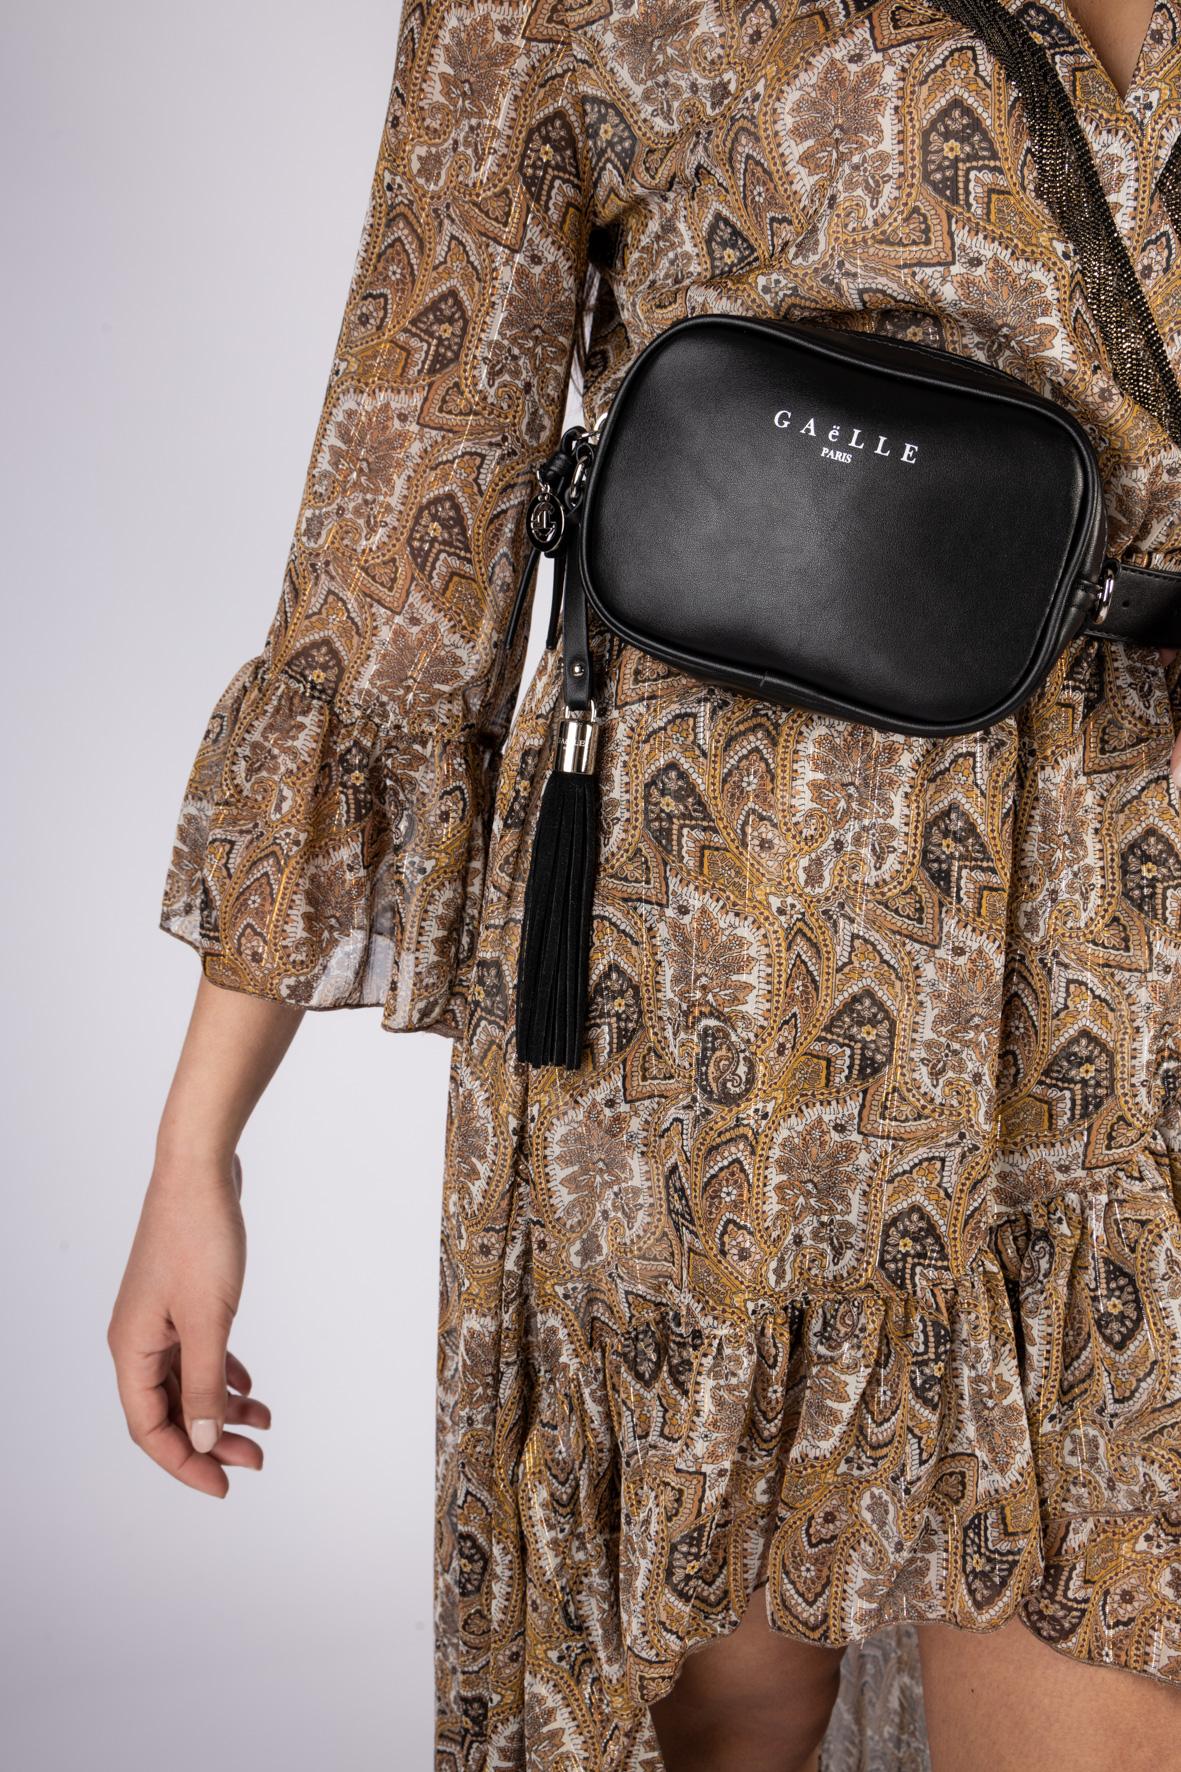 GAELLE | Waist bag  | GBDA2158NERO